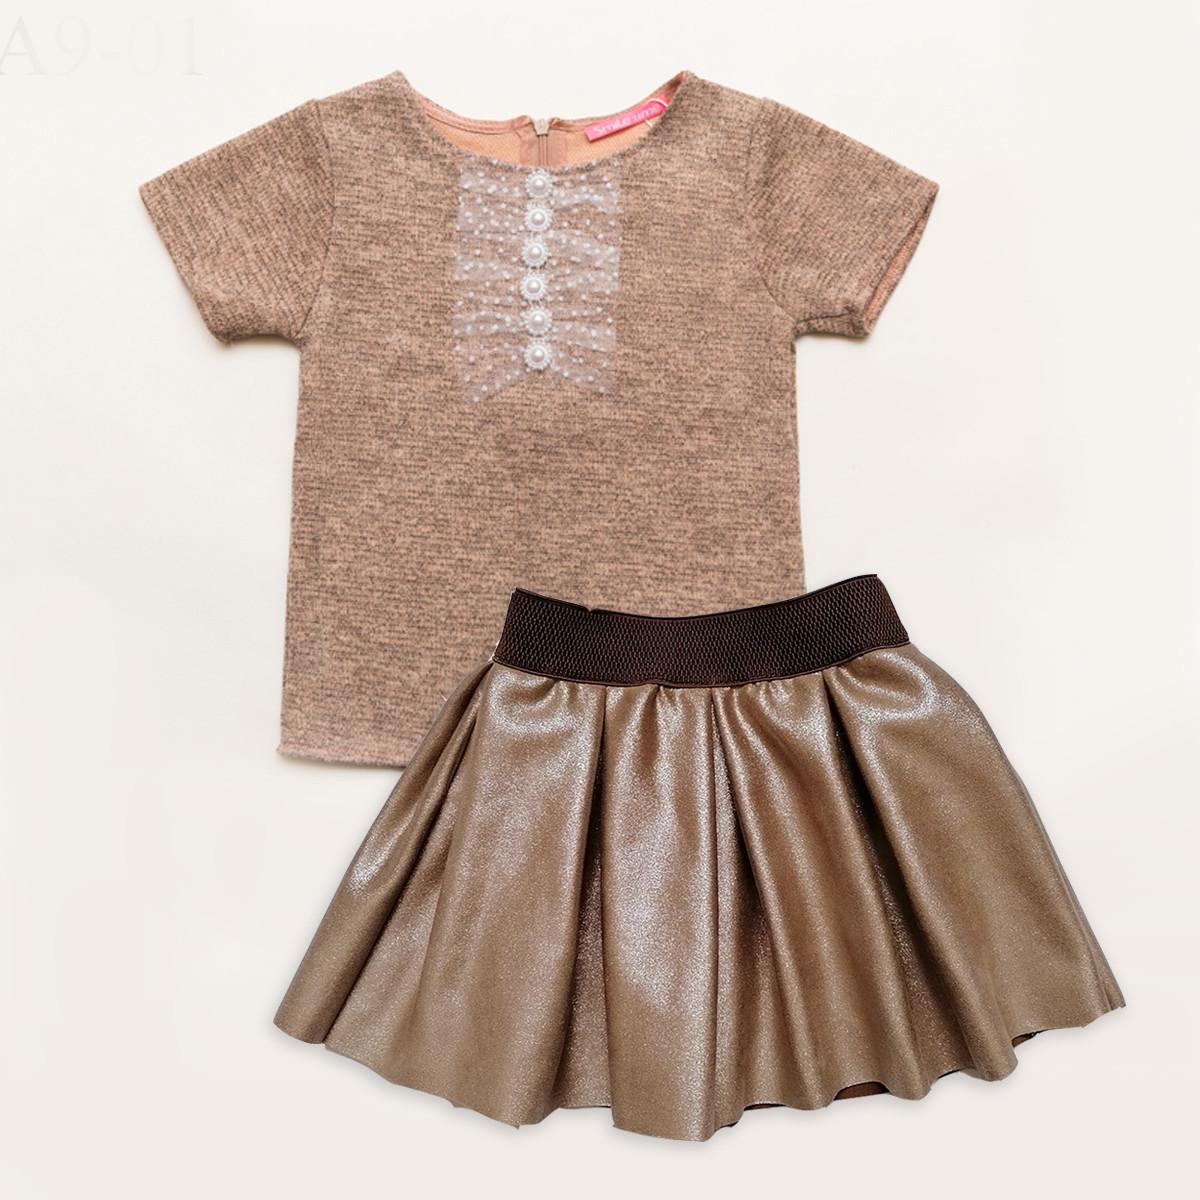 Нарядный детский комплект р.104,110,116,122 для девочки блузка и юбка  SmileTime Lux, бежевый